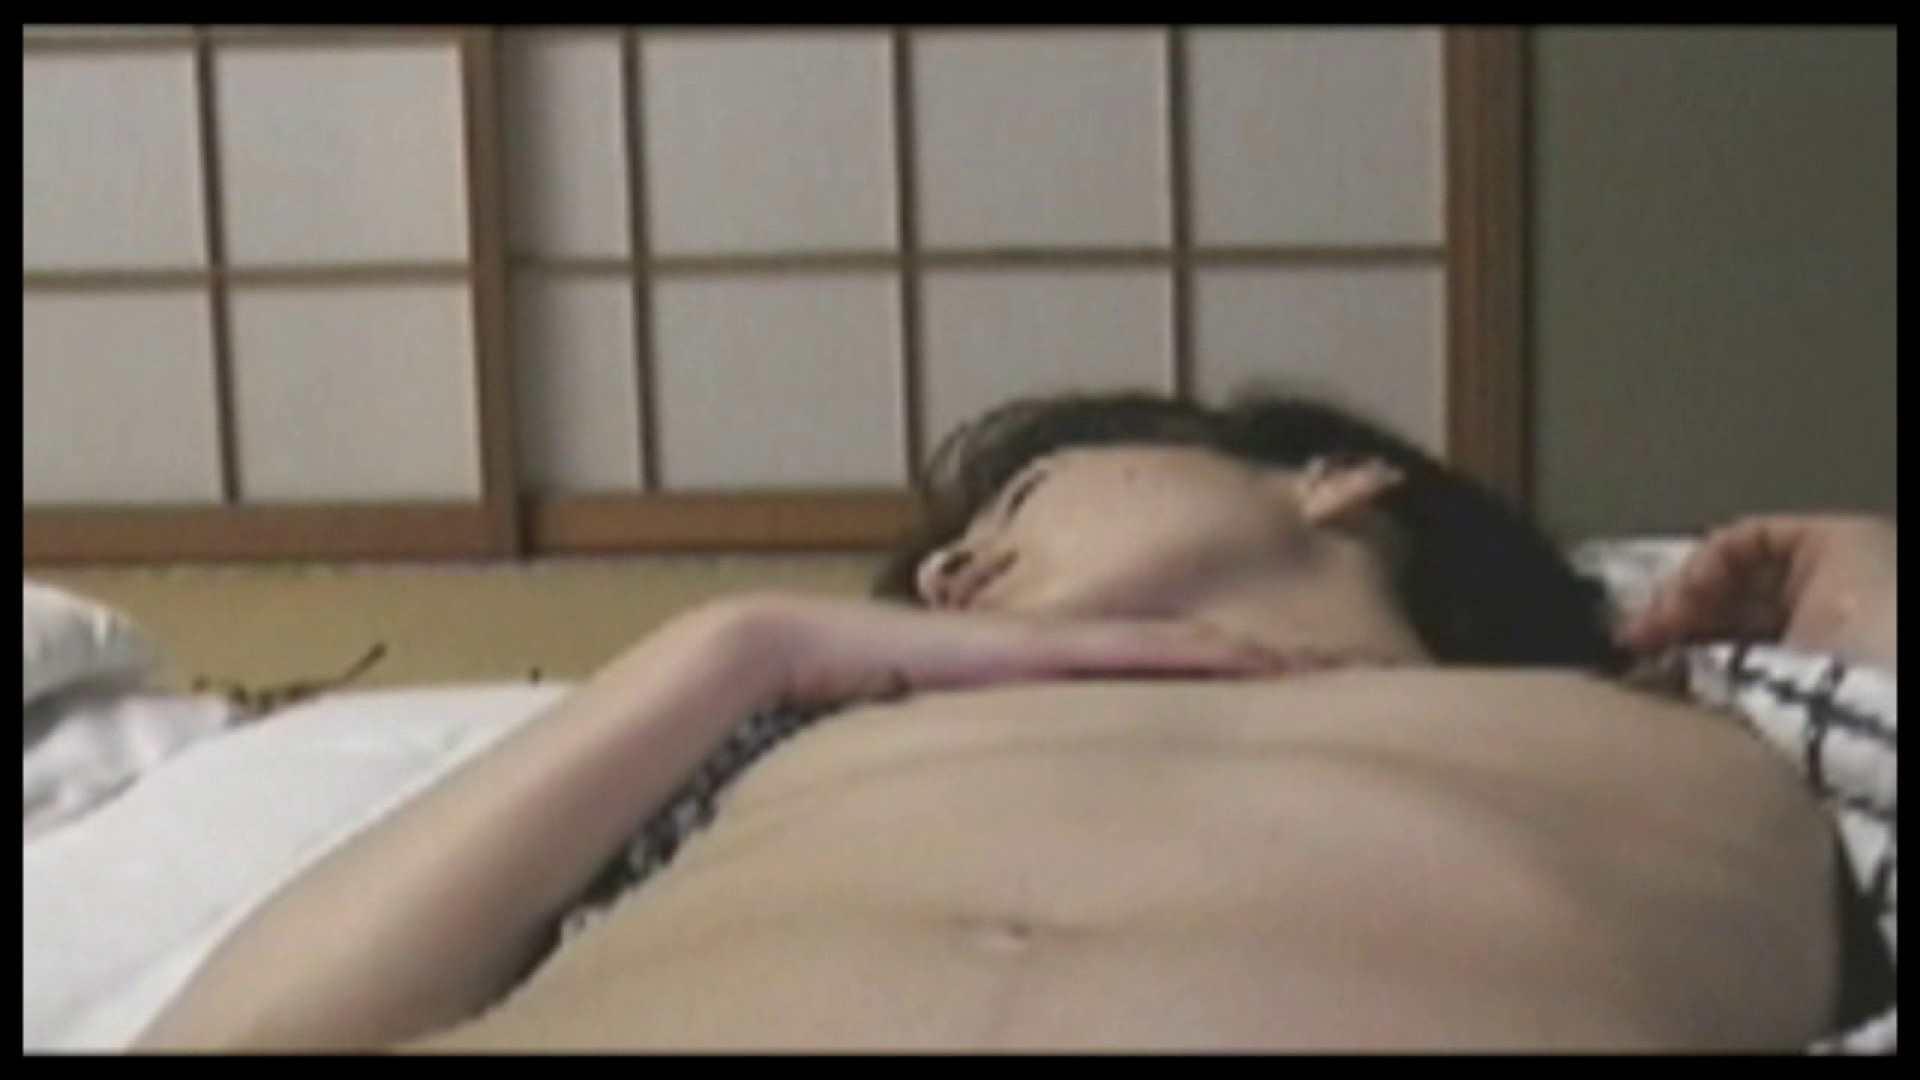 【限定】 闇の花道 Vol.19 影対某芸能関係者 いじくり  108枚 28